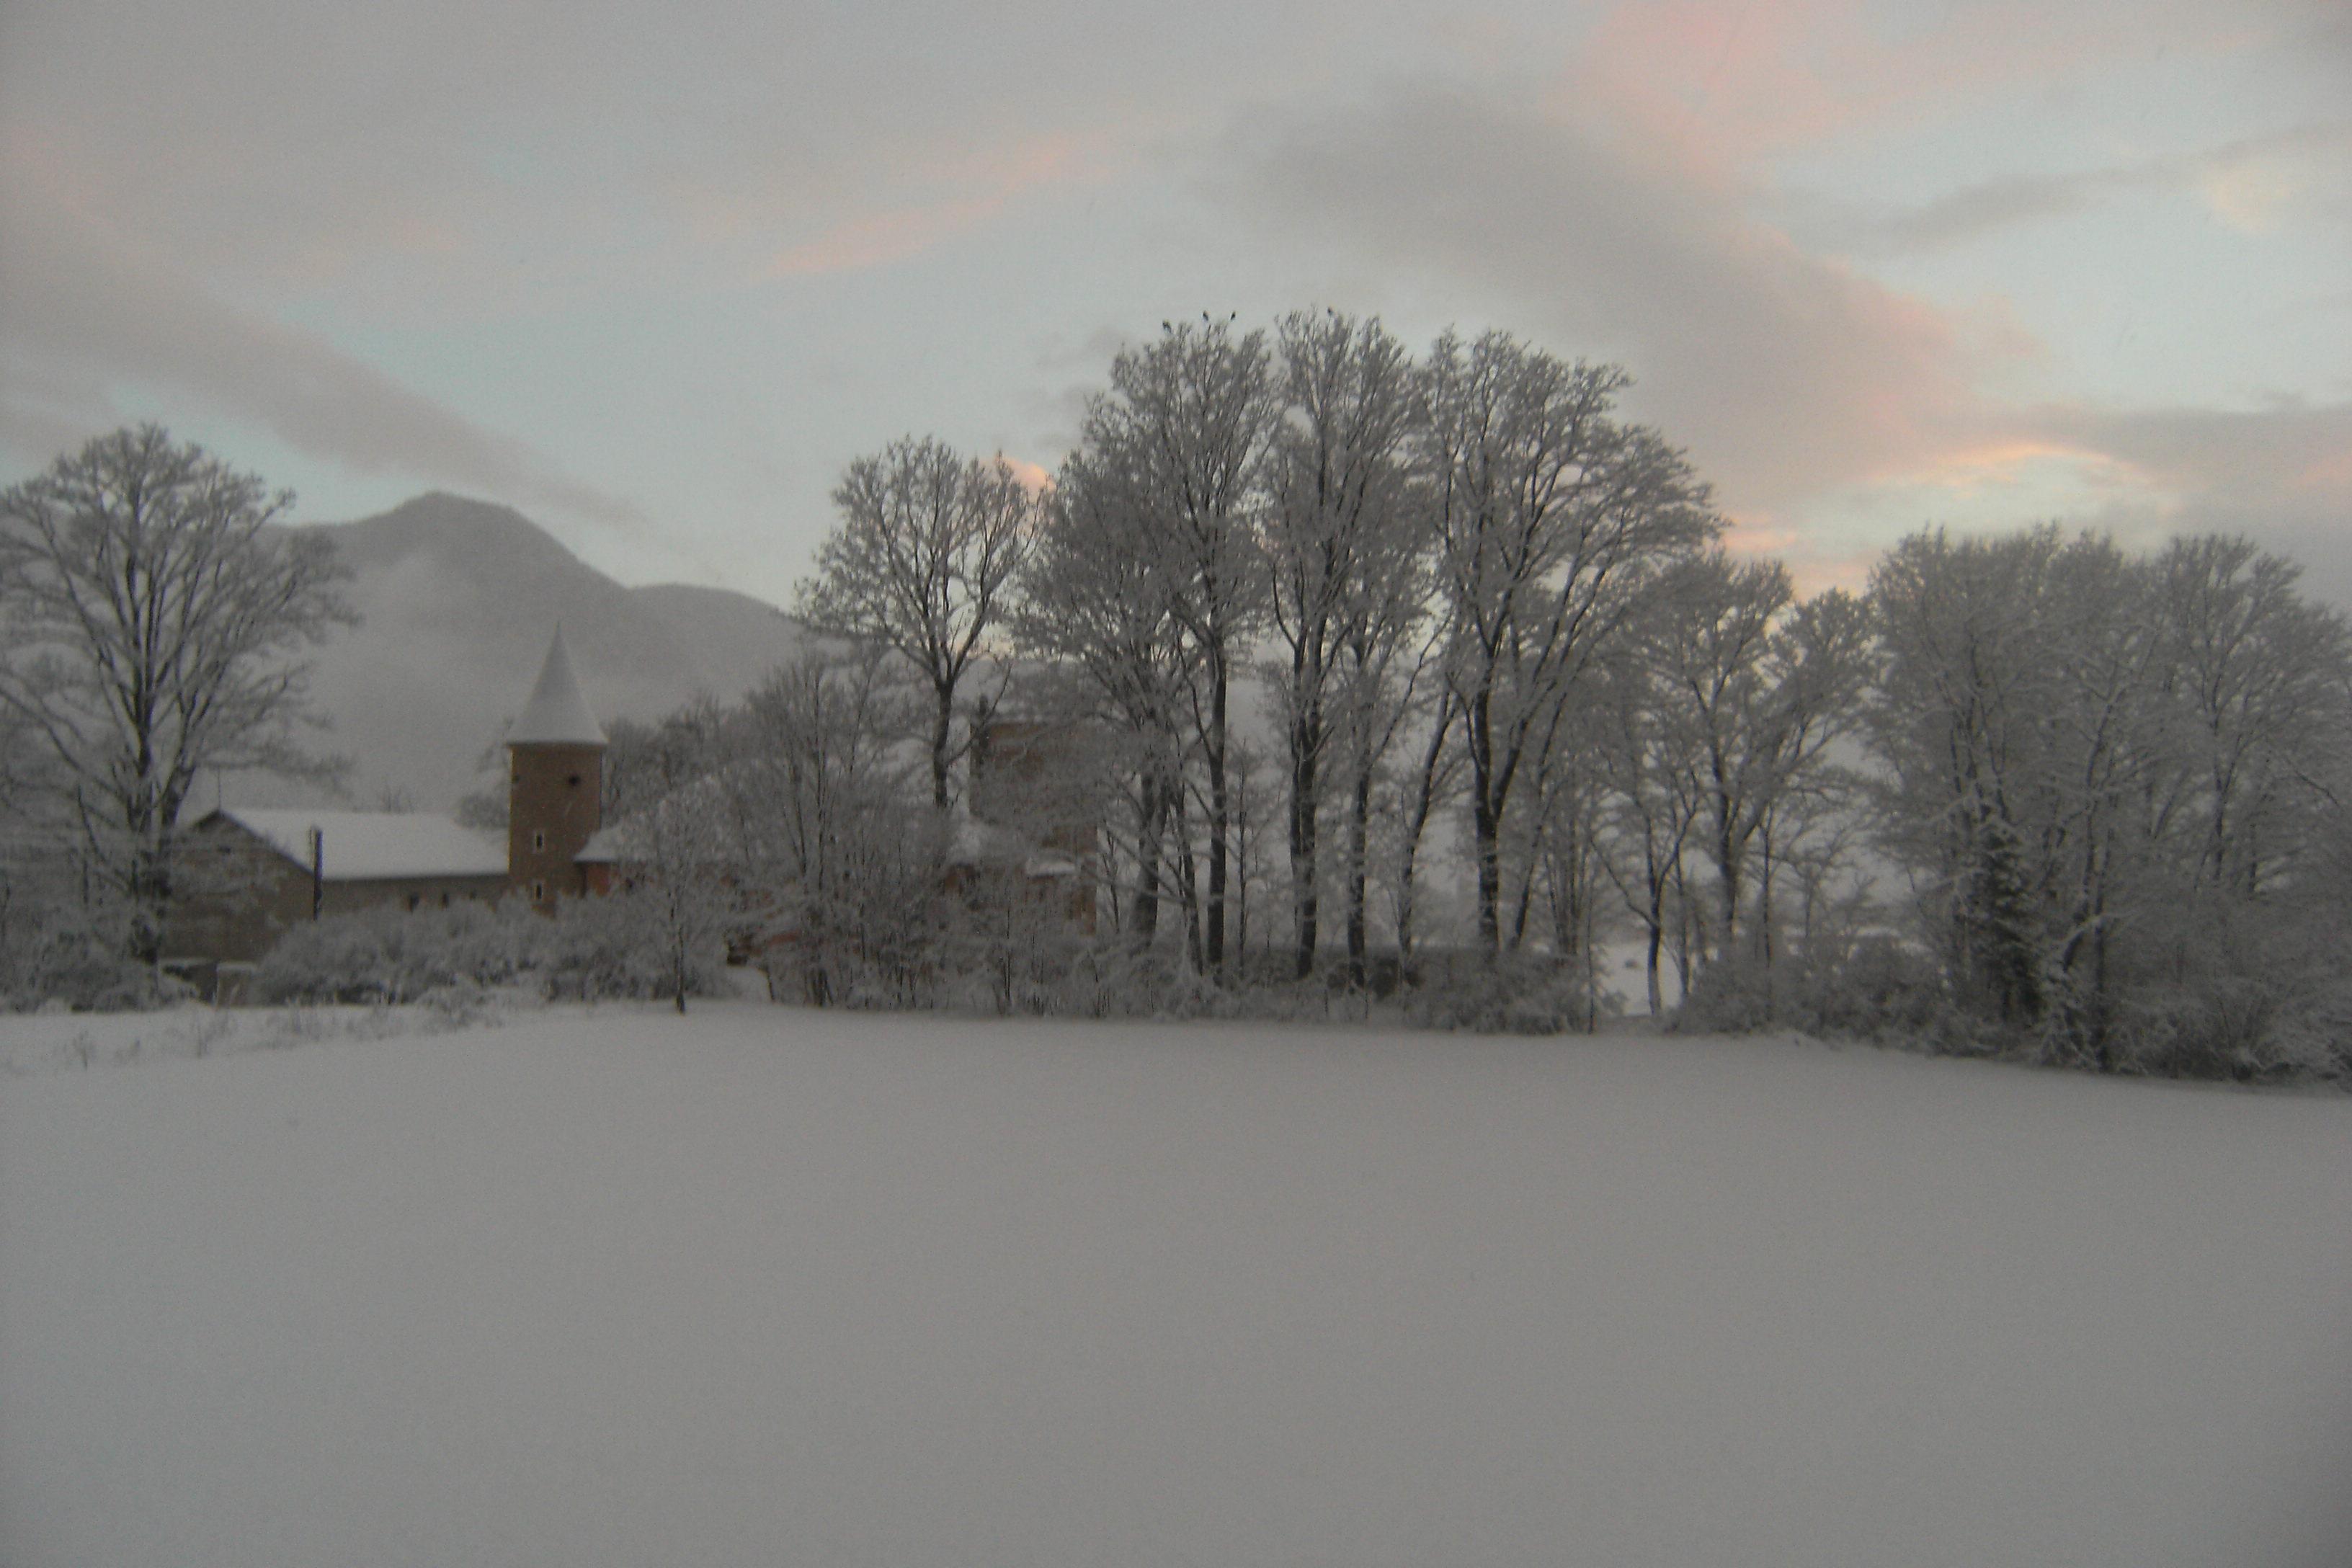 vue de la plaine en plein hiver